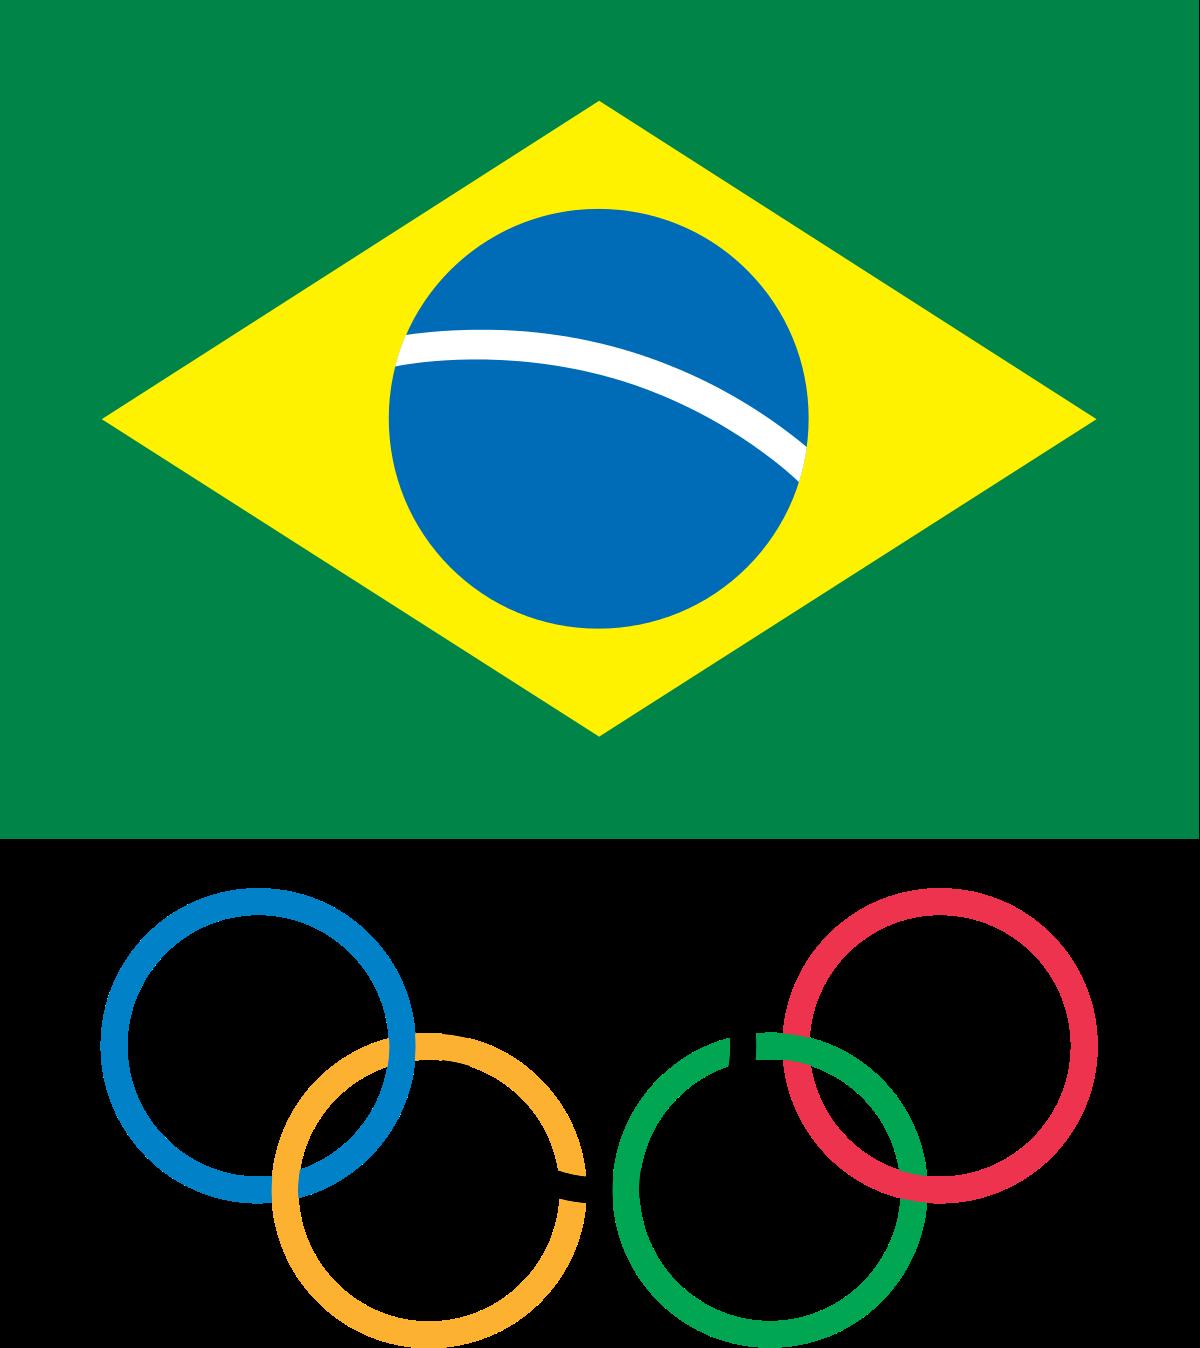 Brazilian Olympic Committee.